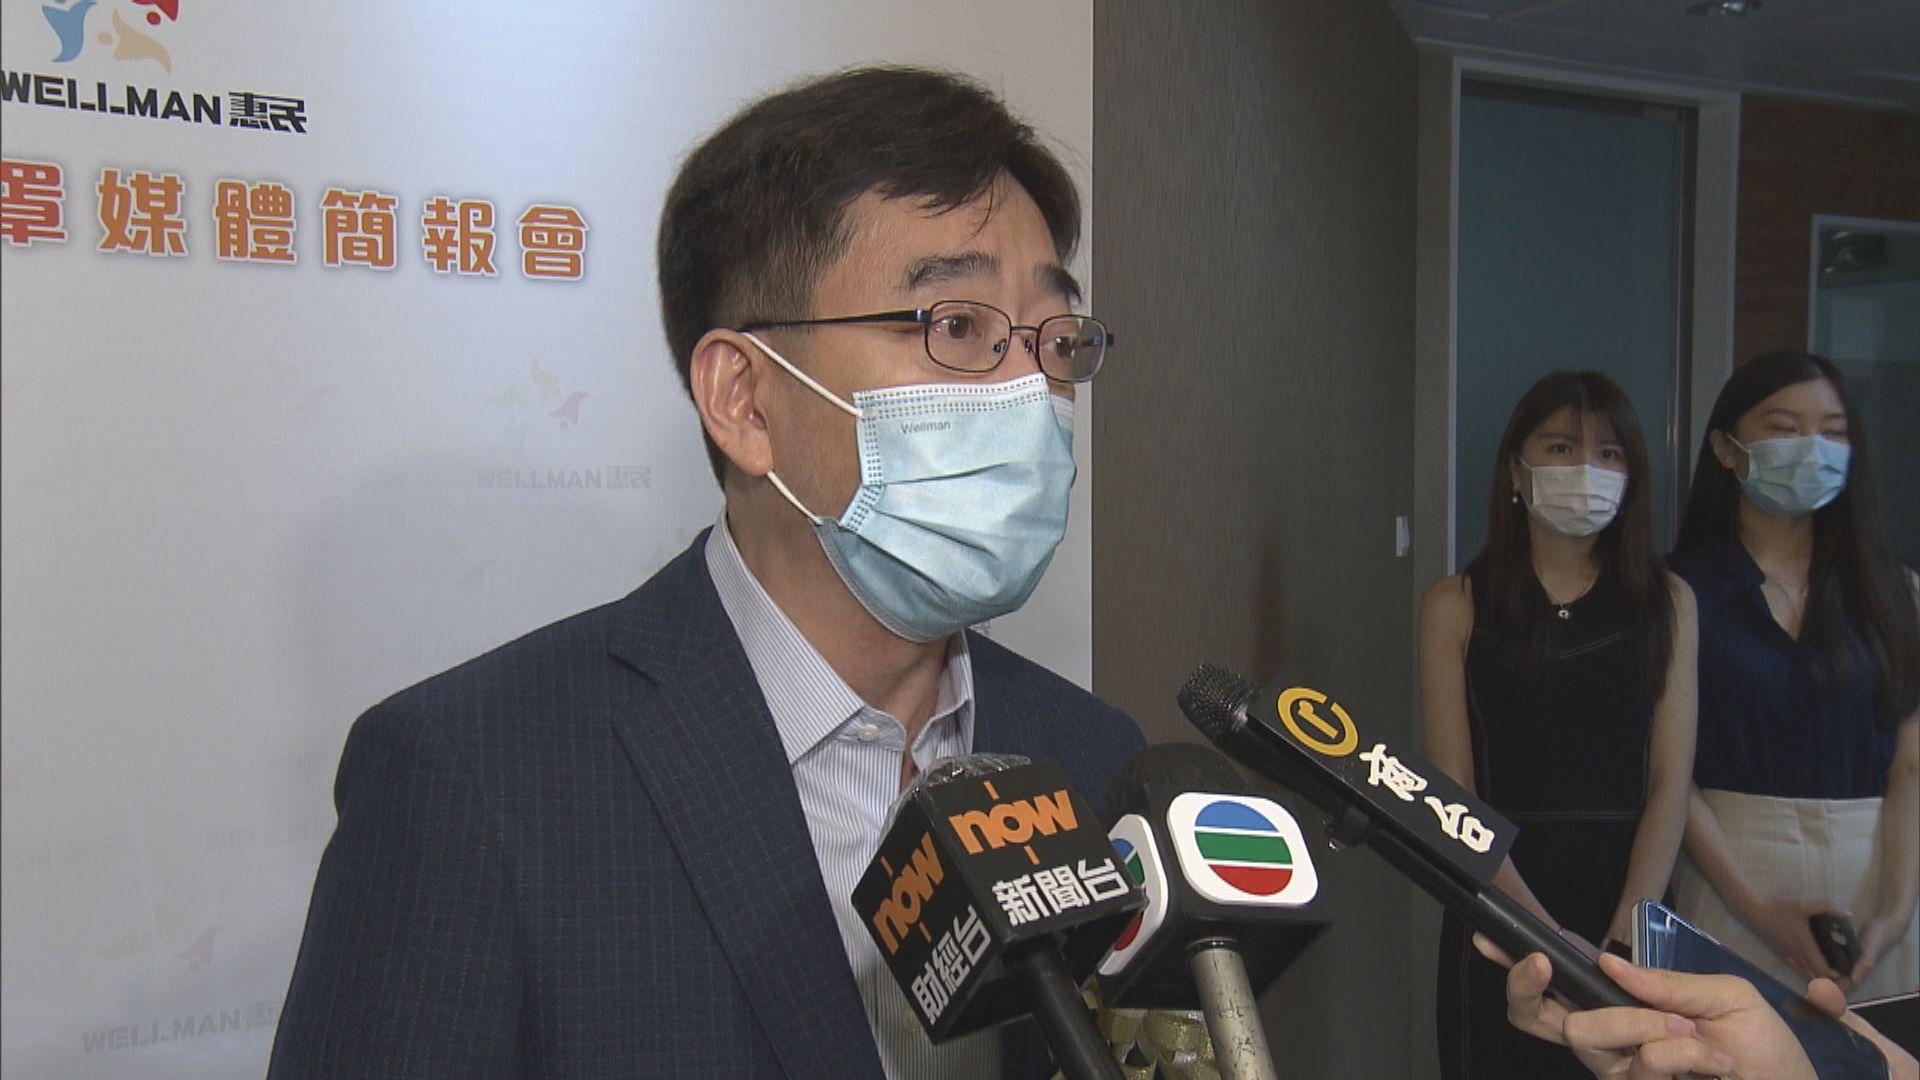 高永文:政府延續現有防疫措施 可避免新一波社區爆發